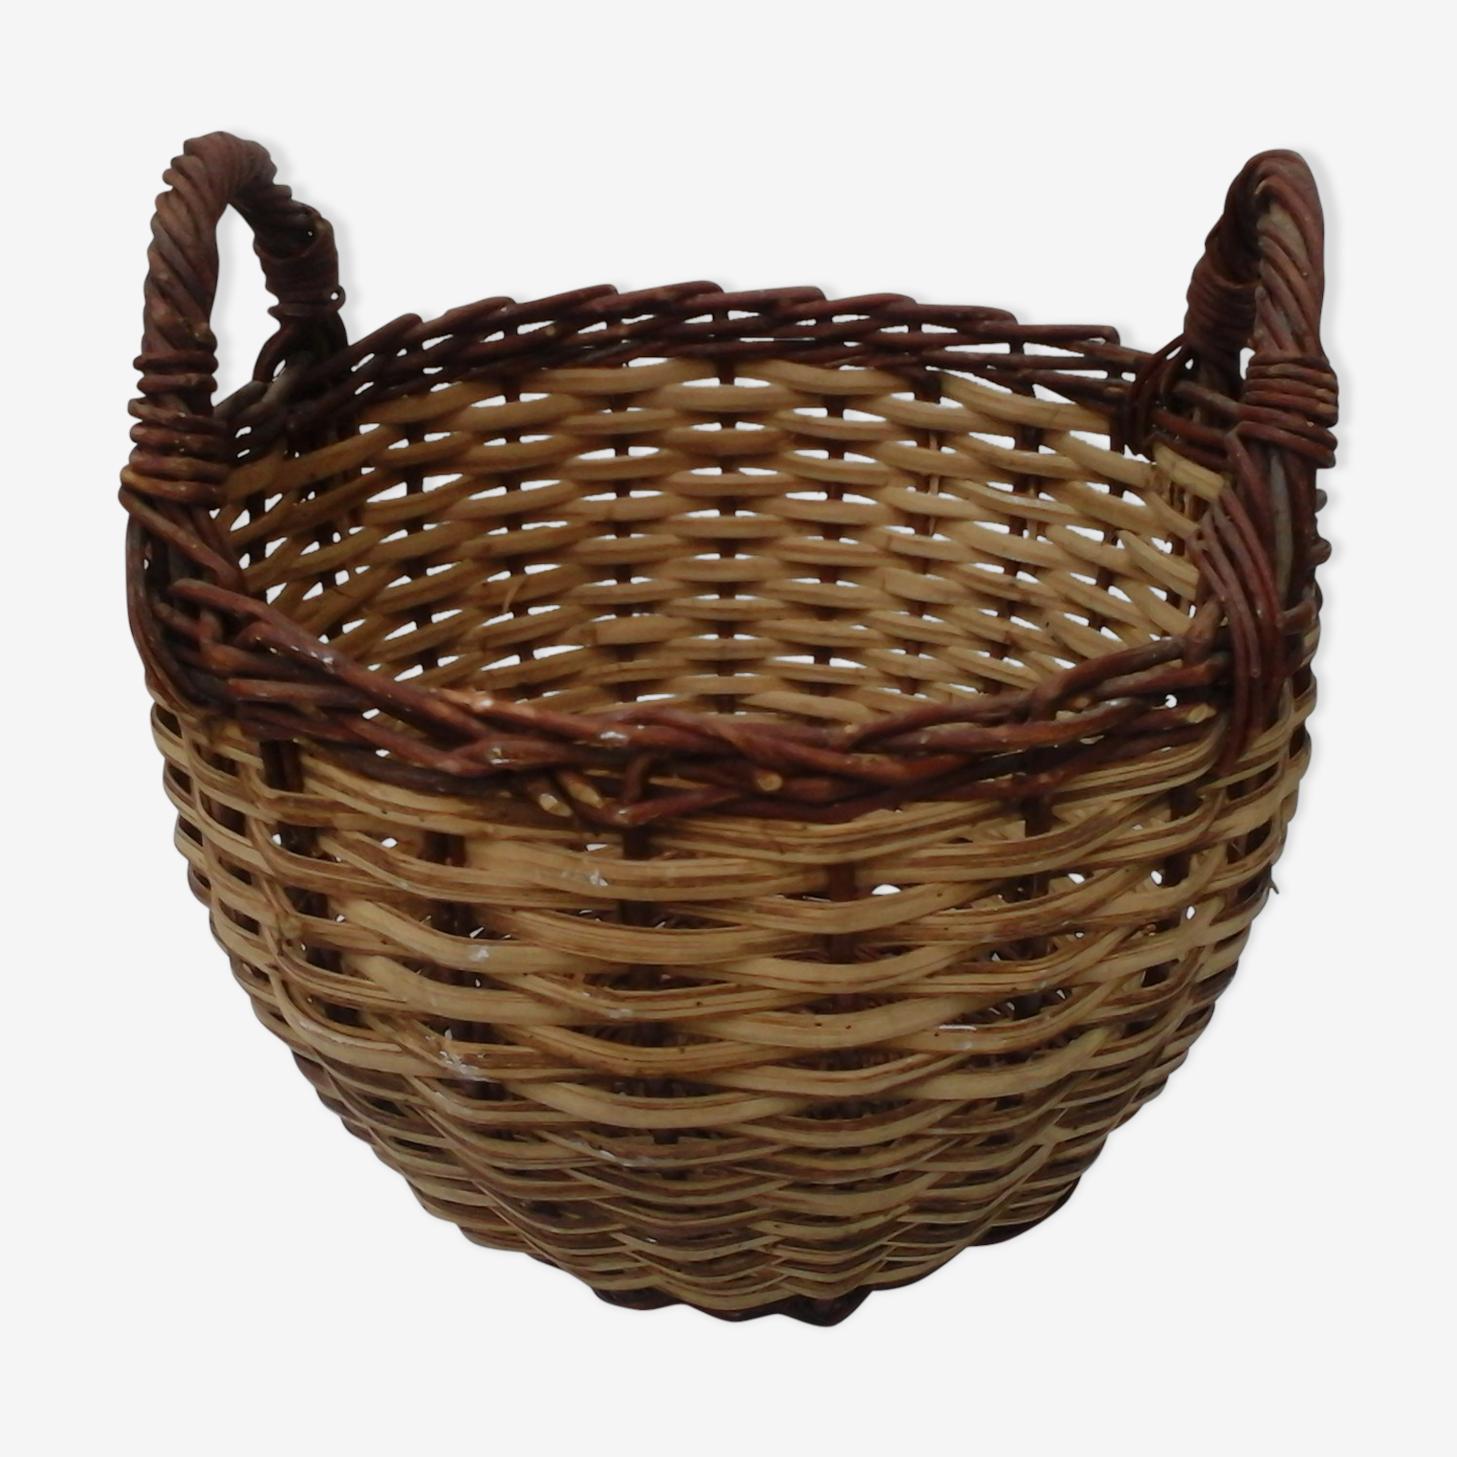 Old round basket